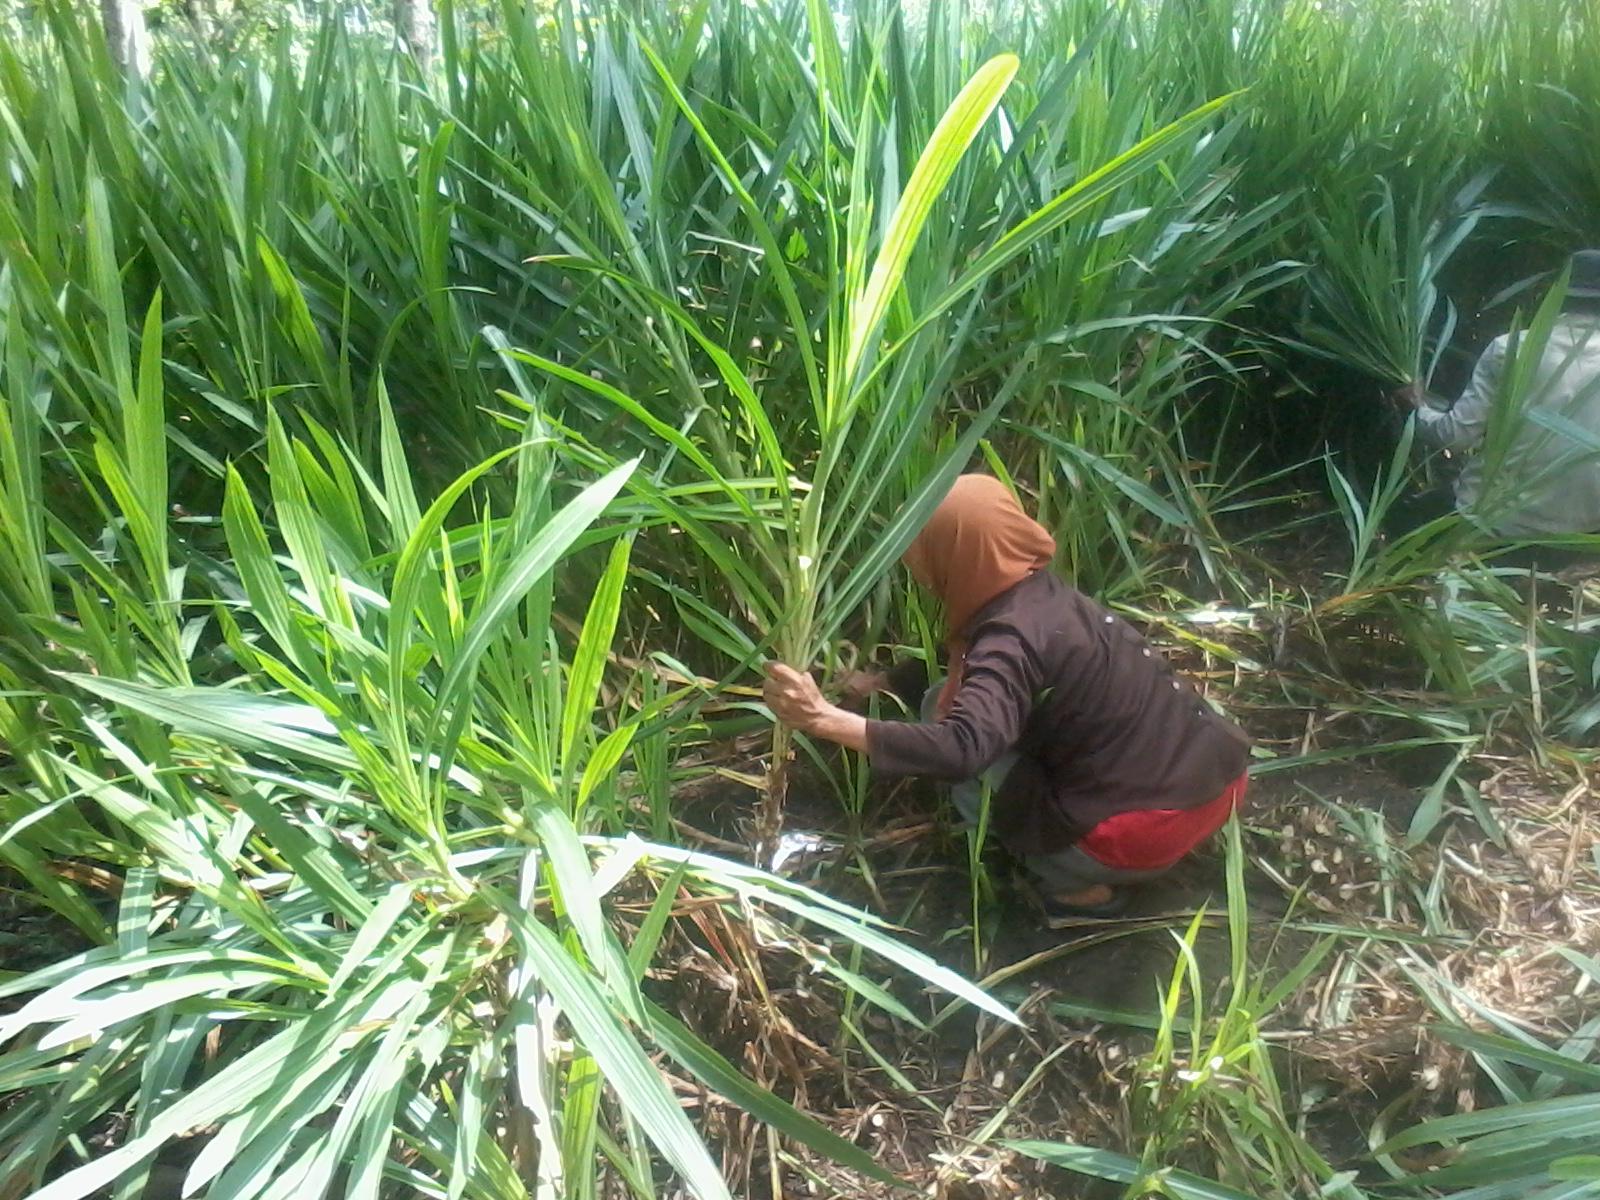 Petani saat memanen rumput gajah. (Foto: istimewa)